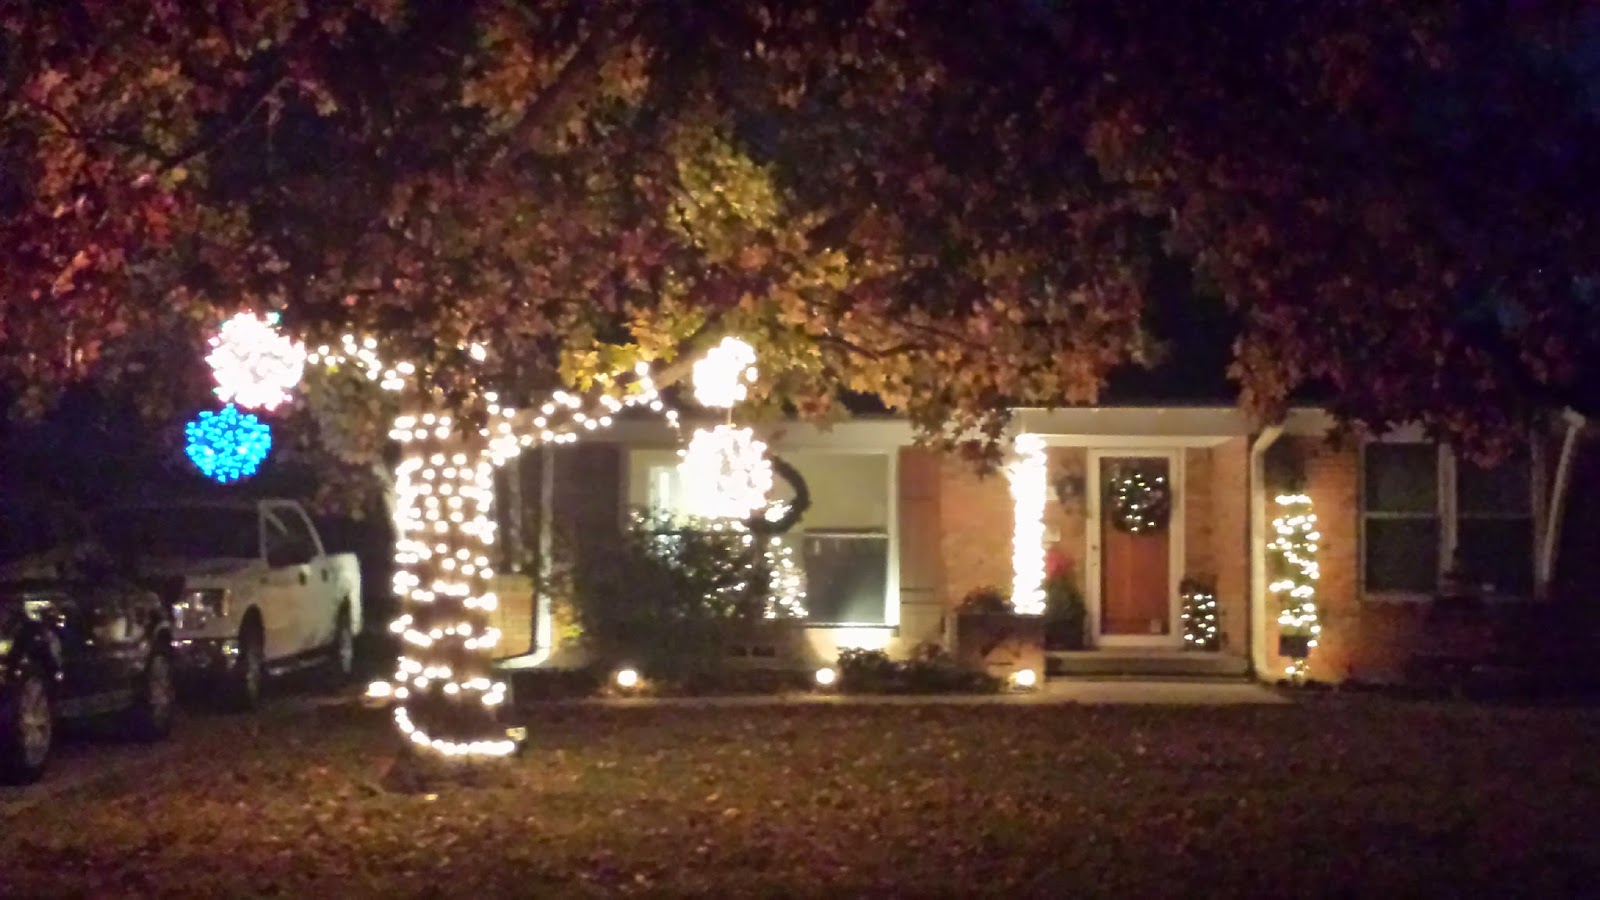 Lighted Christmas Balls: 2014/12